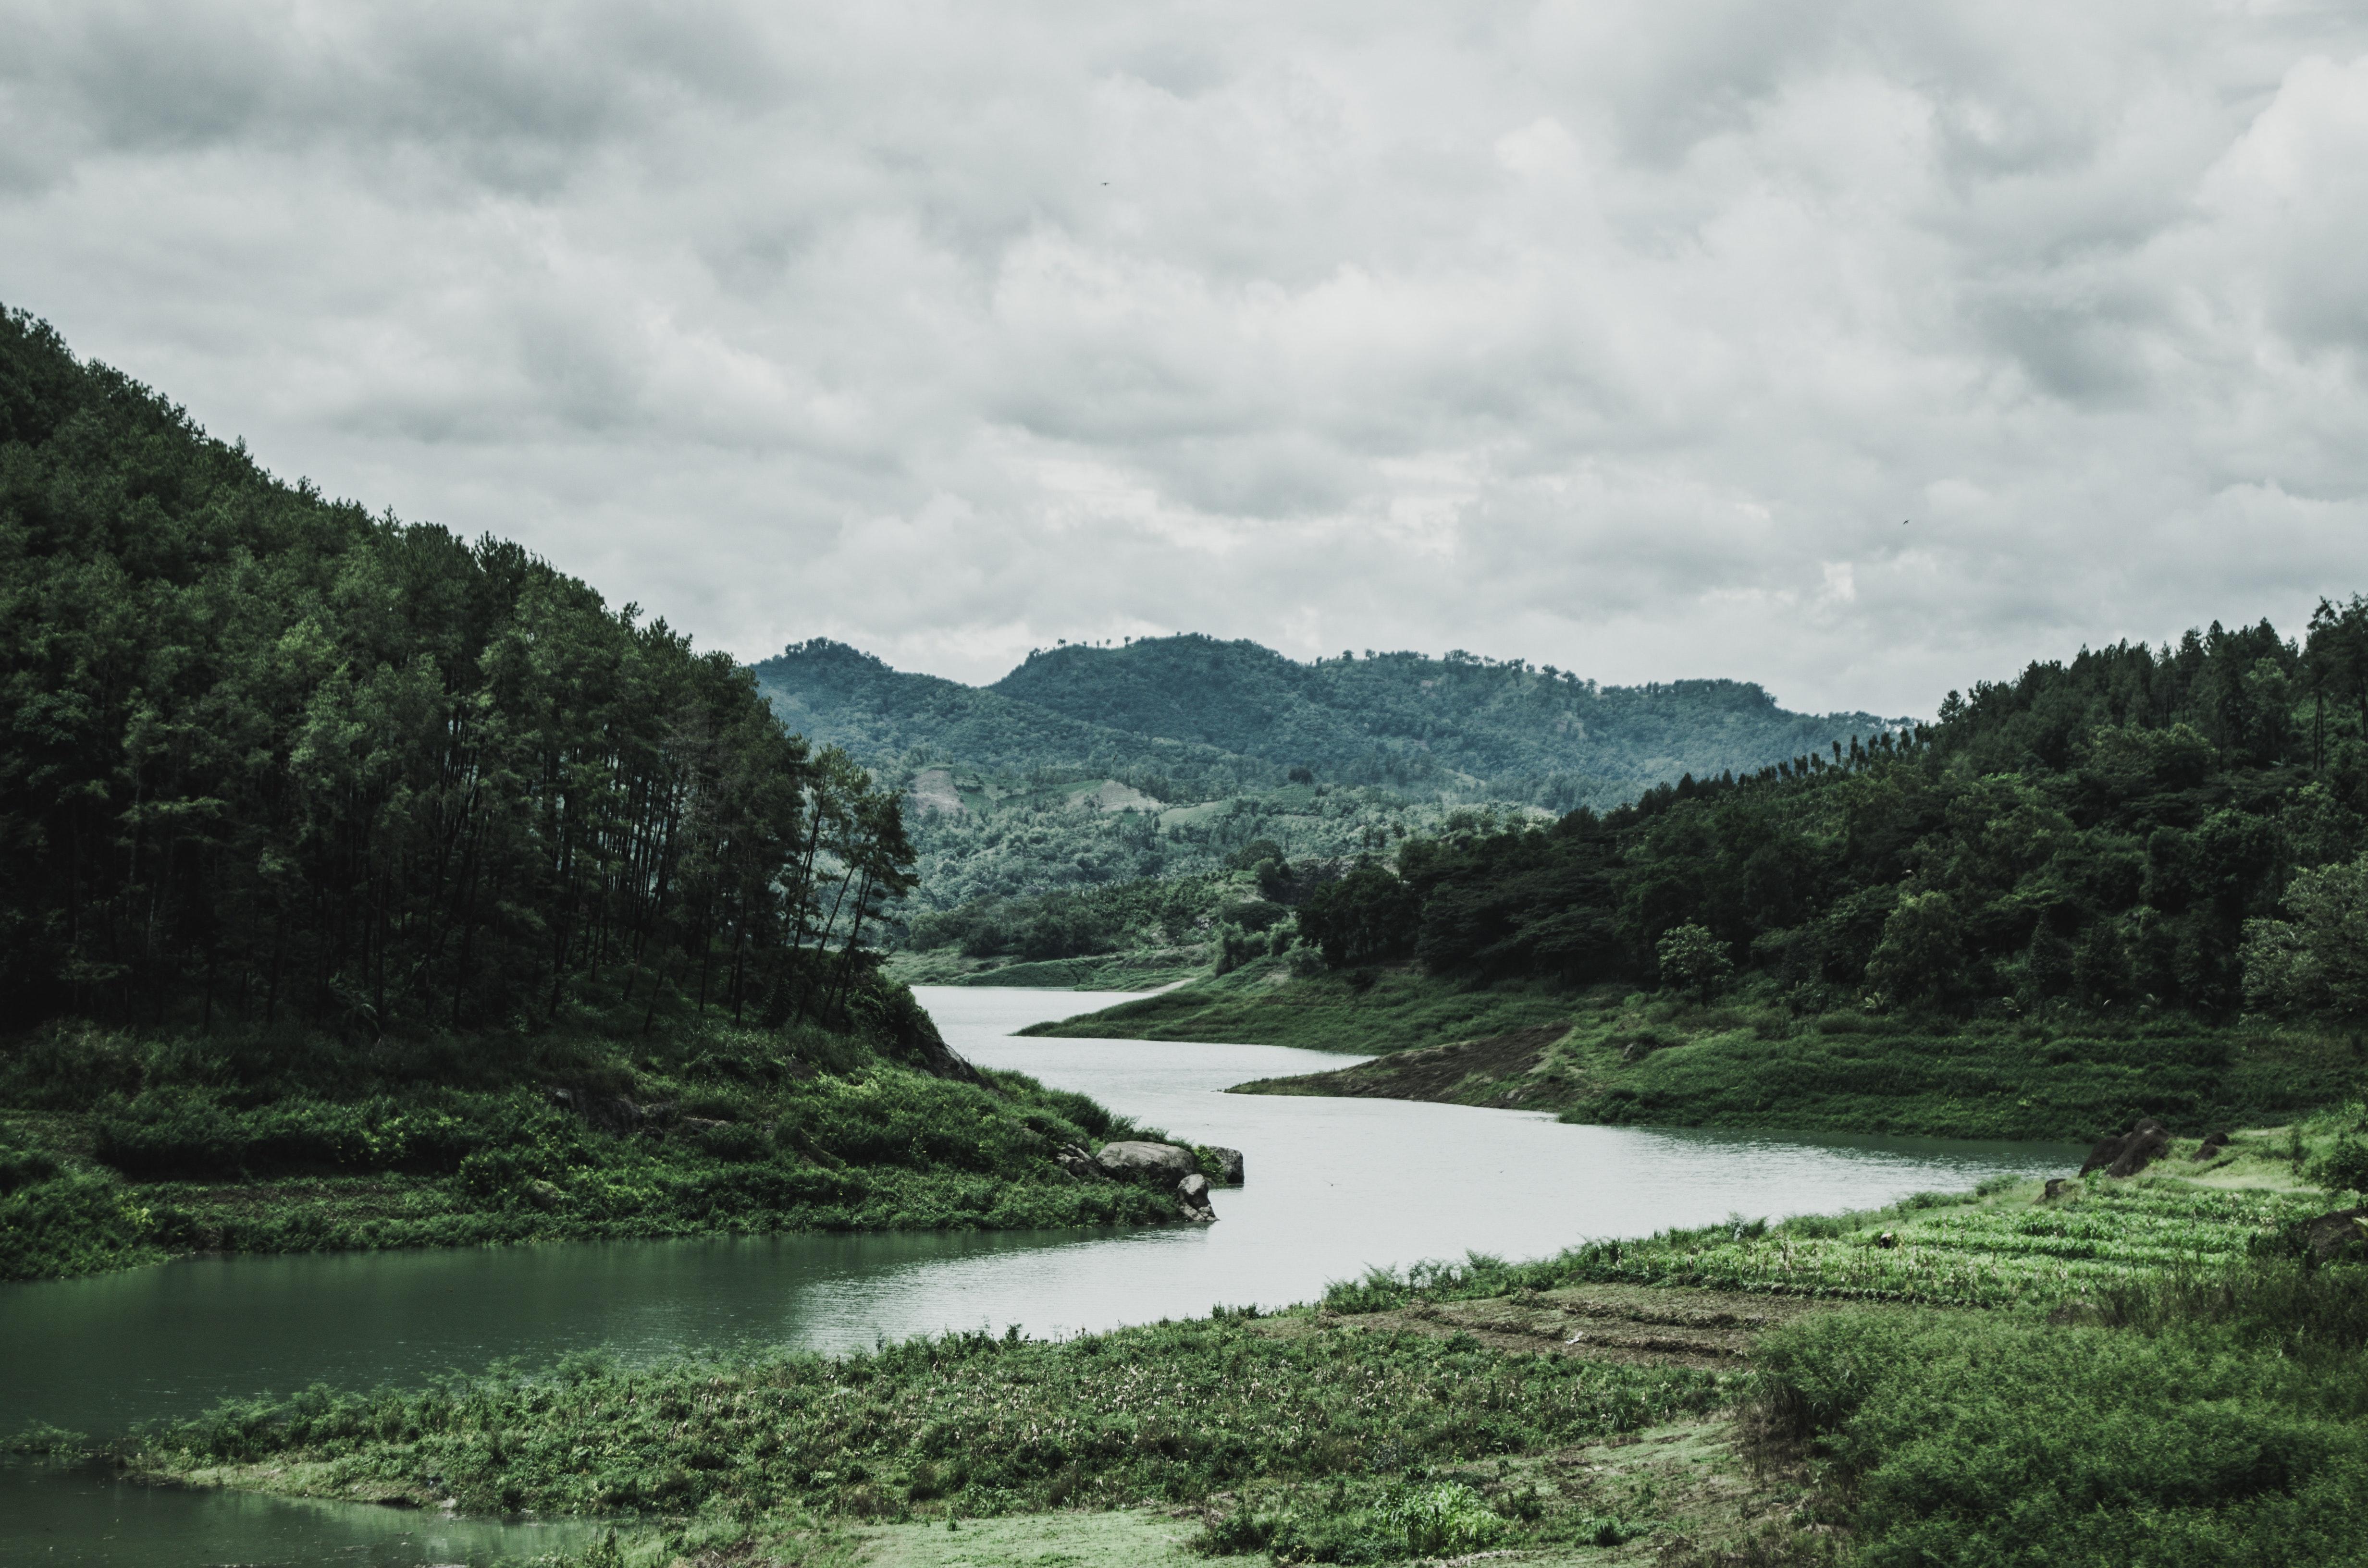 無料画像 雲 曇り空 田舎 昼光 環境 森林 草 Hdの壁紙 丘